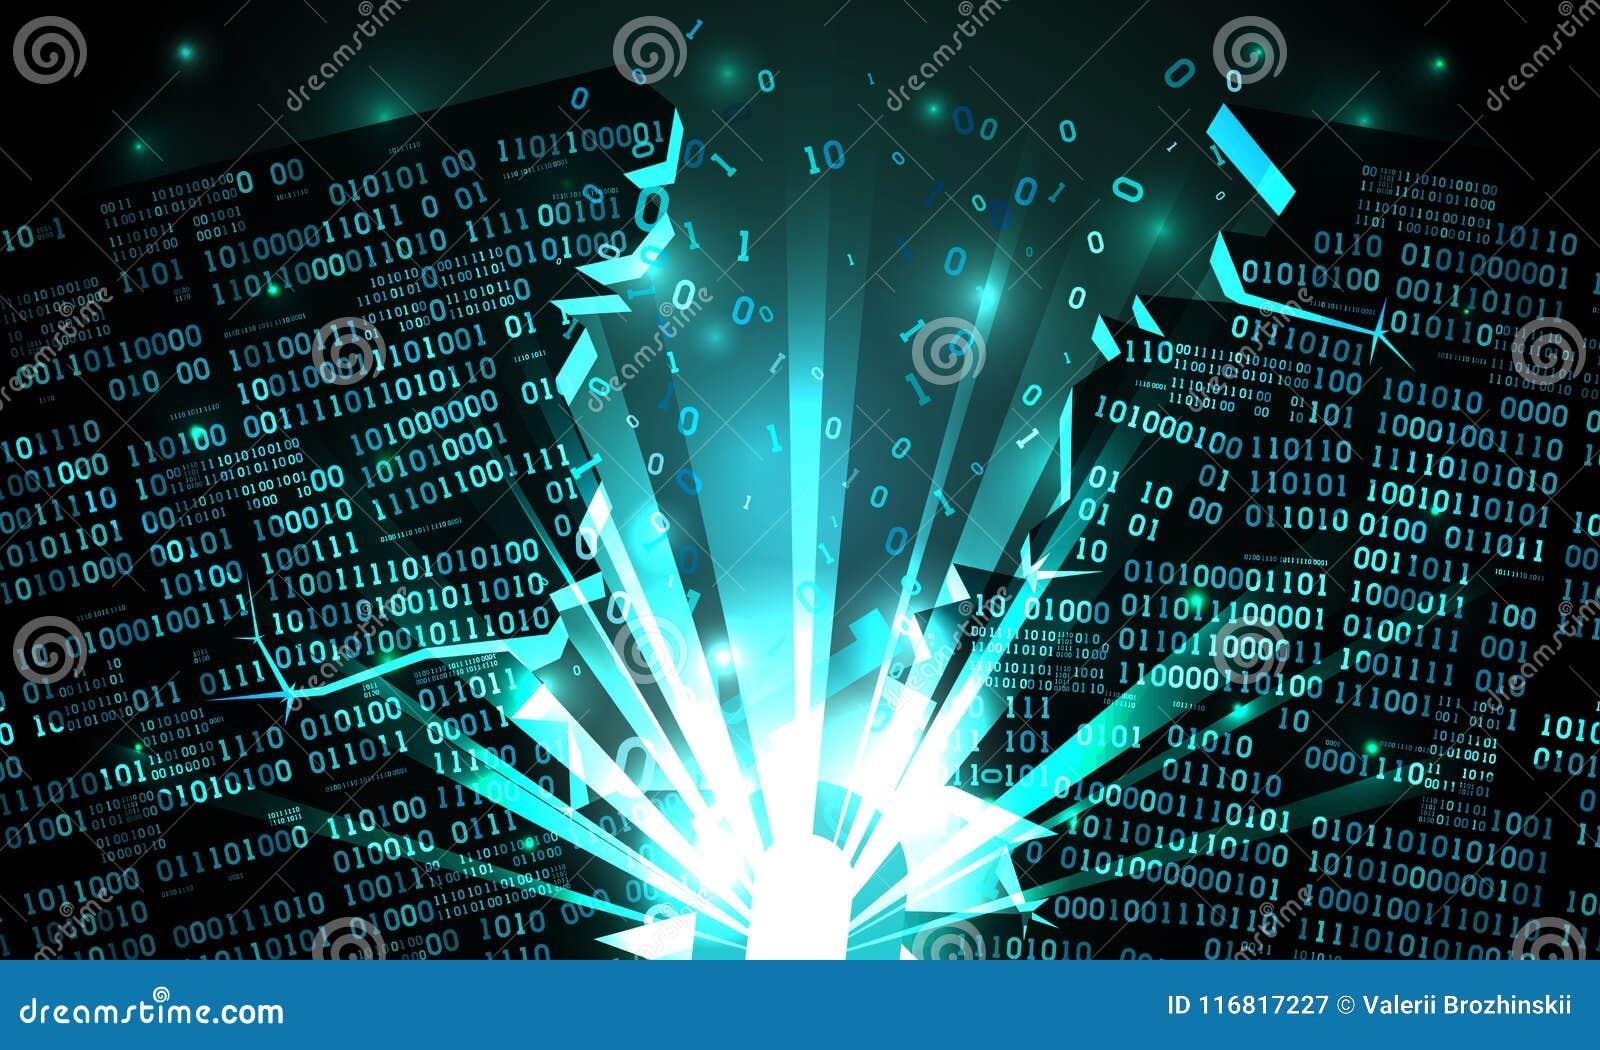 Ciberespacio abstracto con un arsenal cortado de los datos binarios, explosión con los rayos de la luz, código binario hecho salt